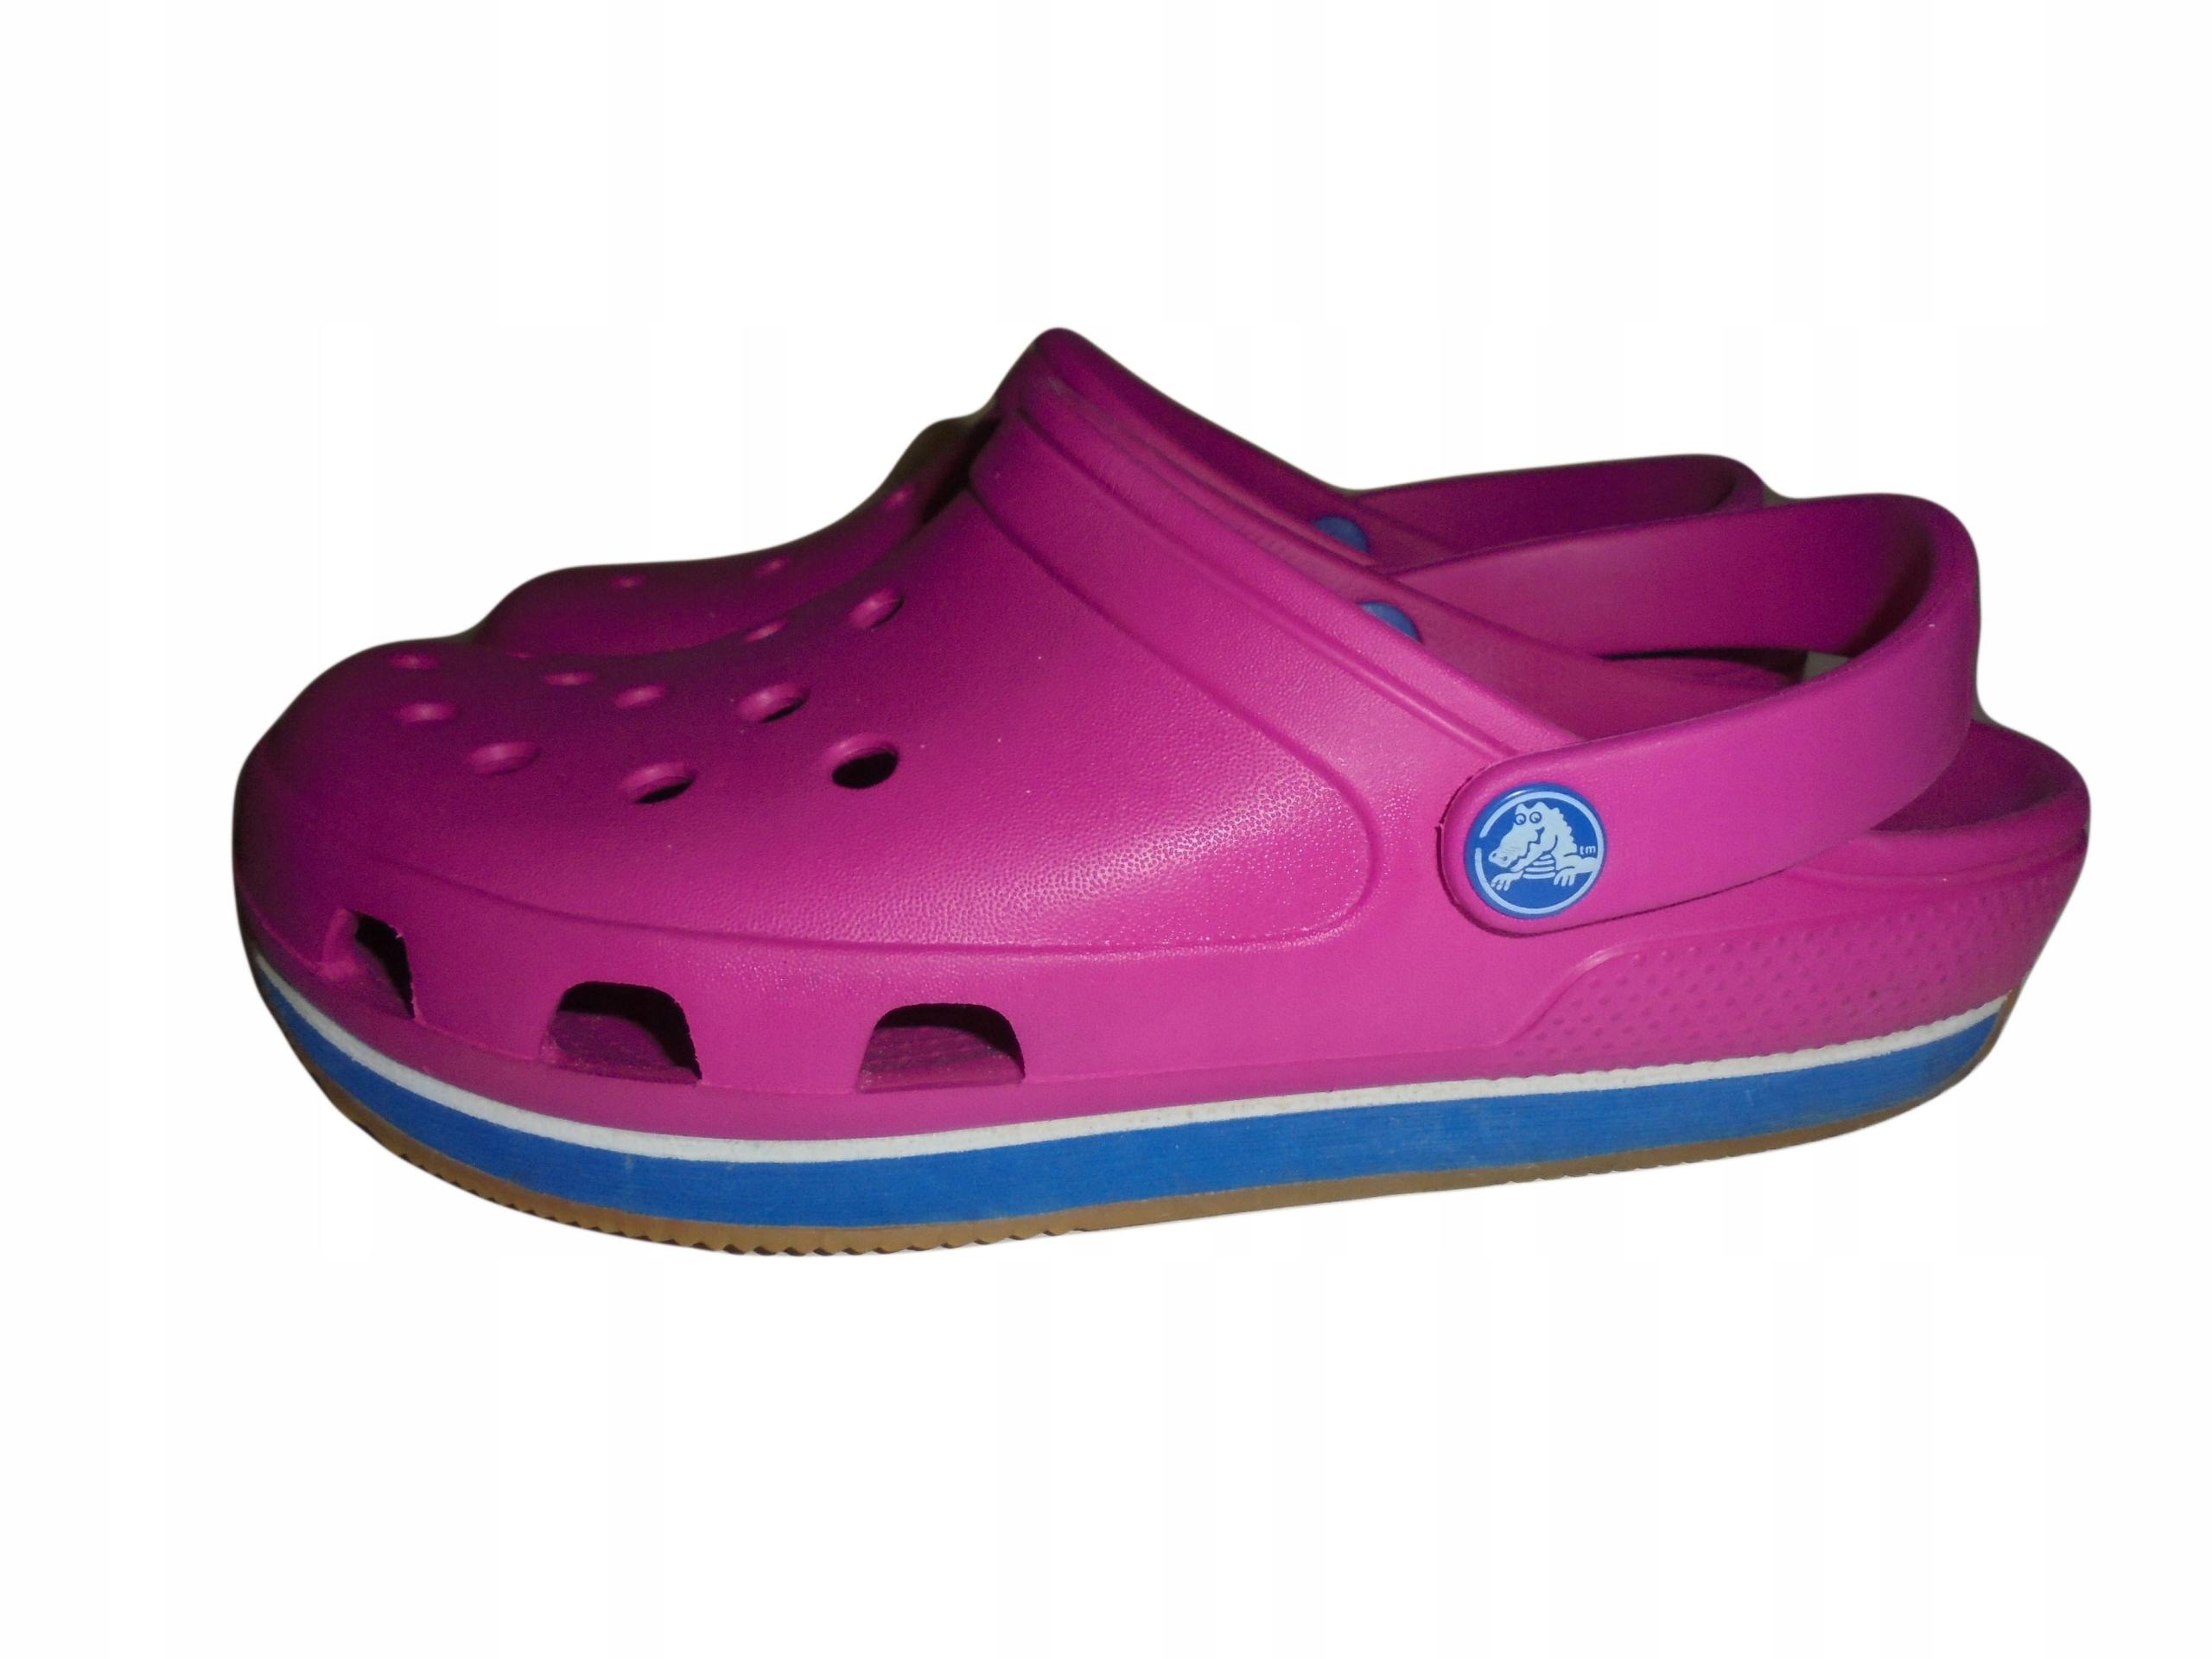 Buty Crocs Retro. Stan idealny. Rozmiar 38,5